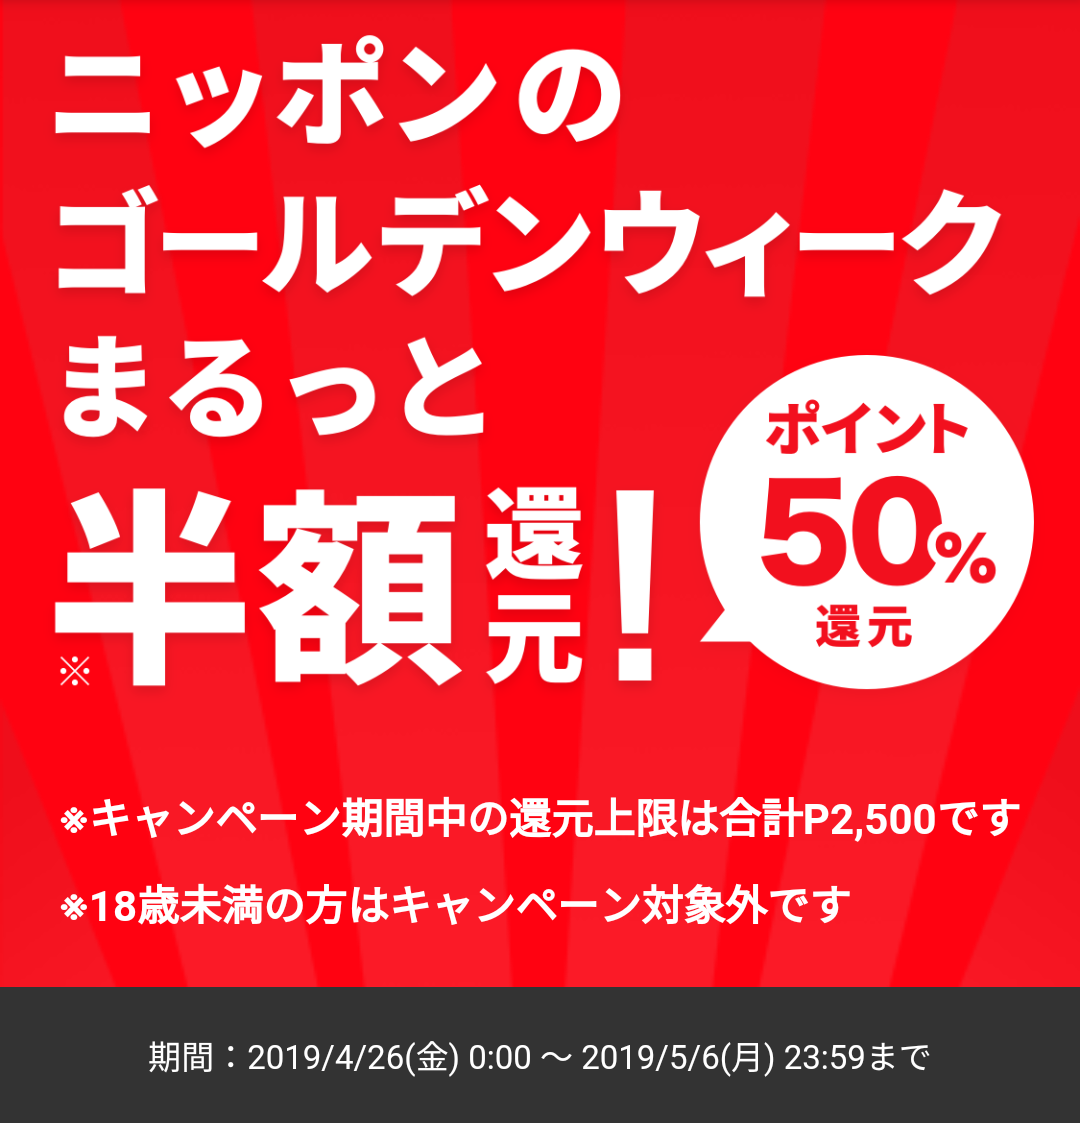 f:id:awawako:20190430143437p:plain